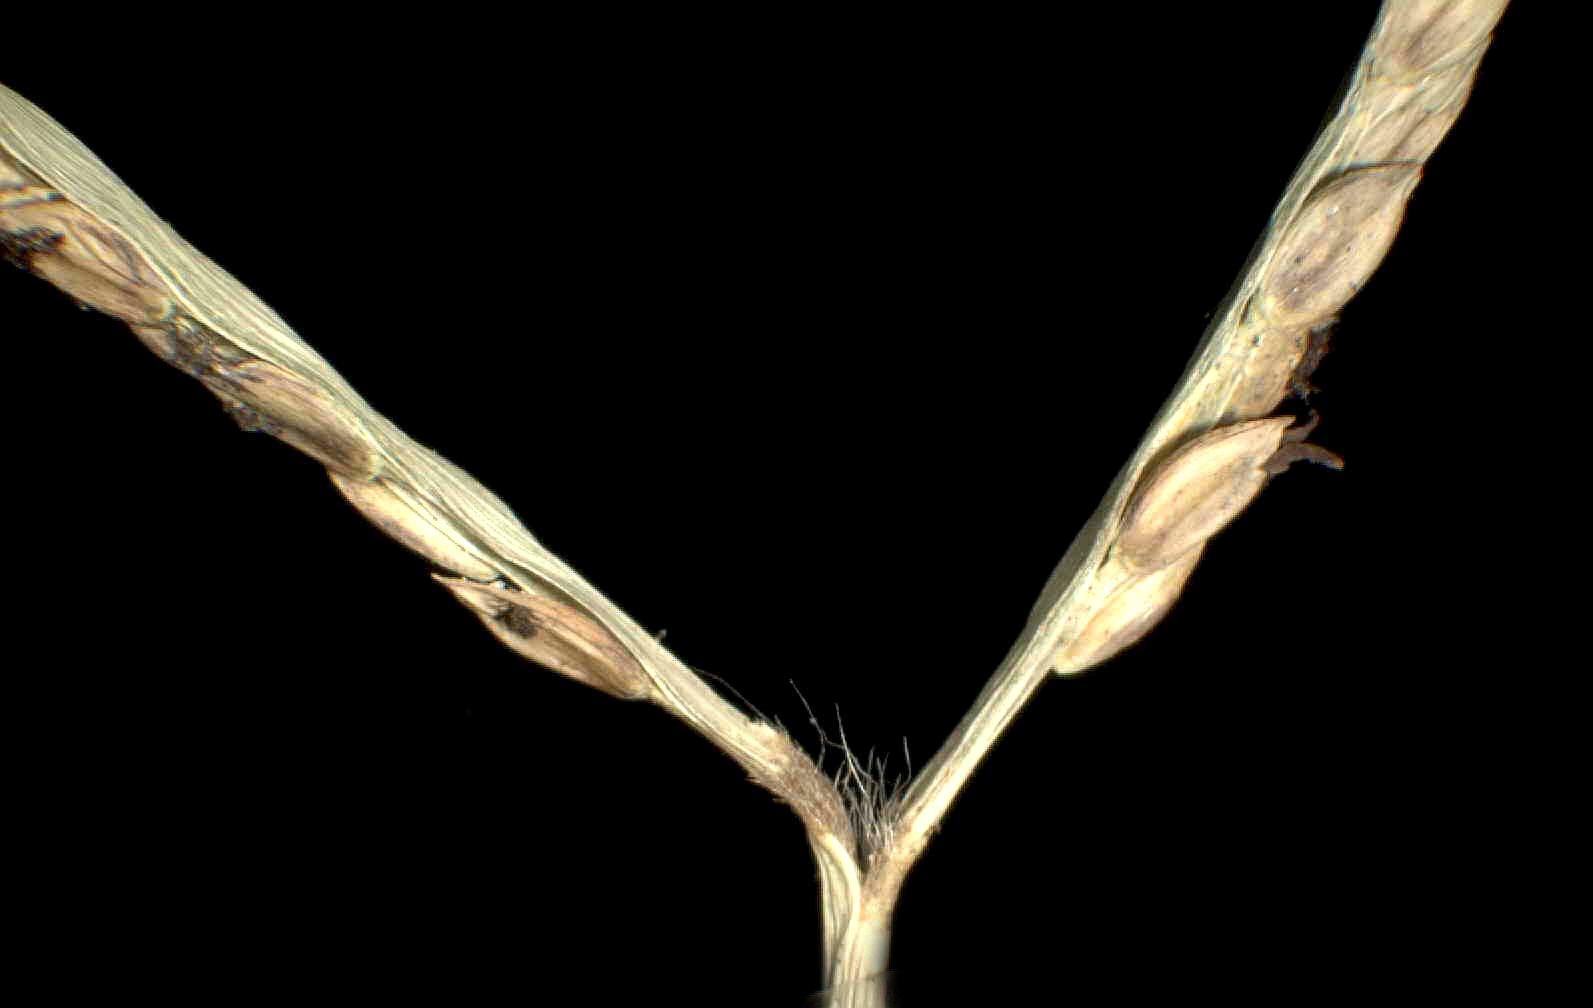 © Dipartimento di Scienze della Vita, Università degli Studi di Trieste<br>by Andrea Moro<br>Comune di Codigoro, di fronte all'Abbazia di Pomposa, ai margini di un fosso. , FE, Emilia-Romagna , Italia, 23/12/04 0.00.00<br>Distributed under CC-BY-SA 4.0 license.